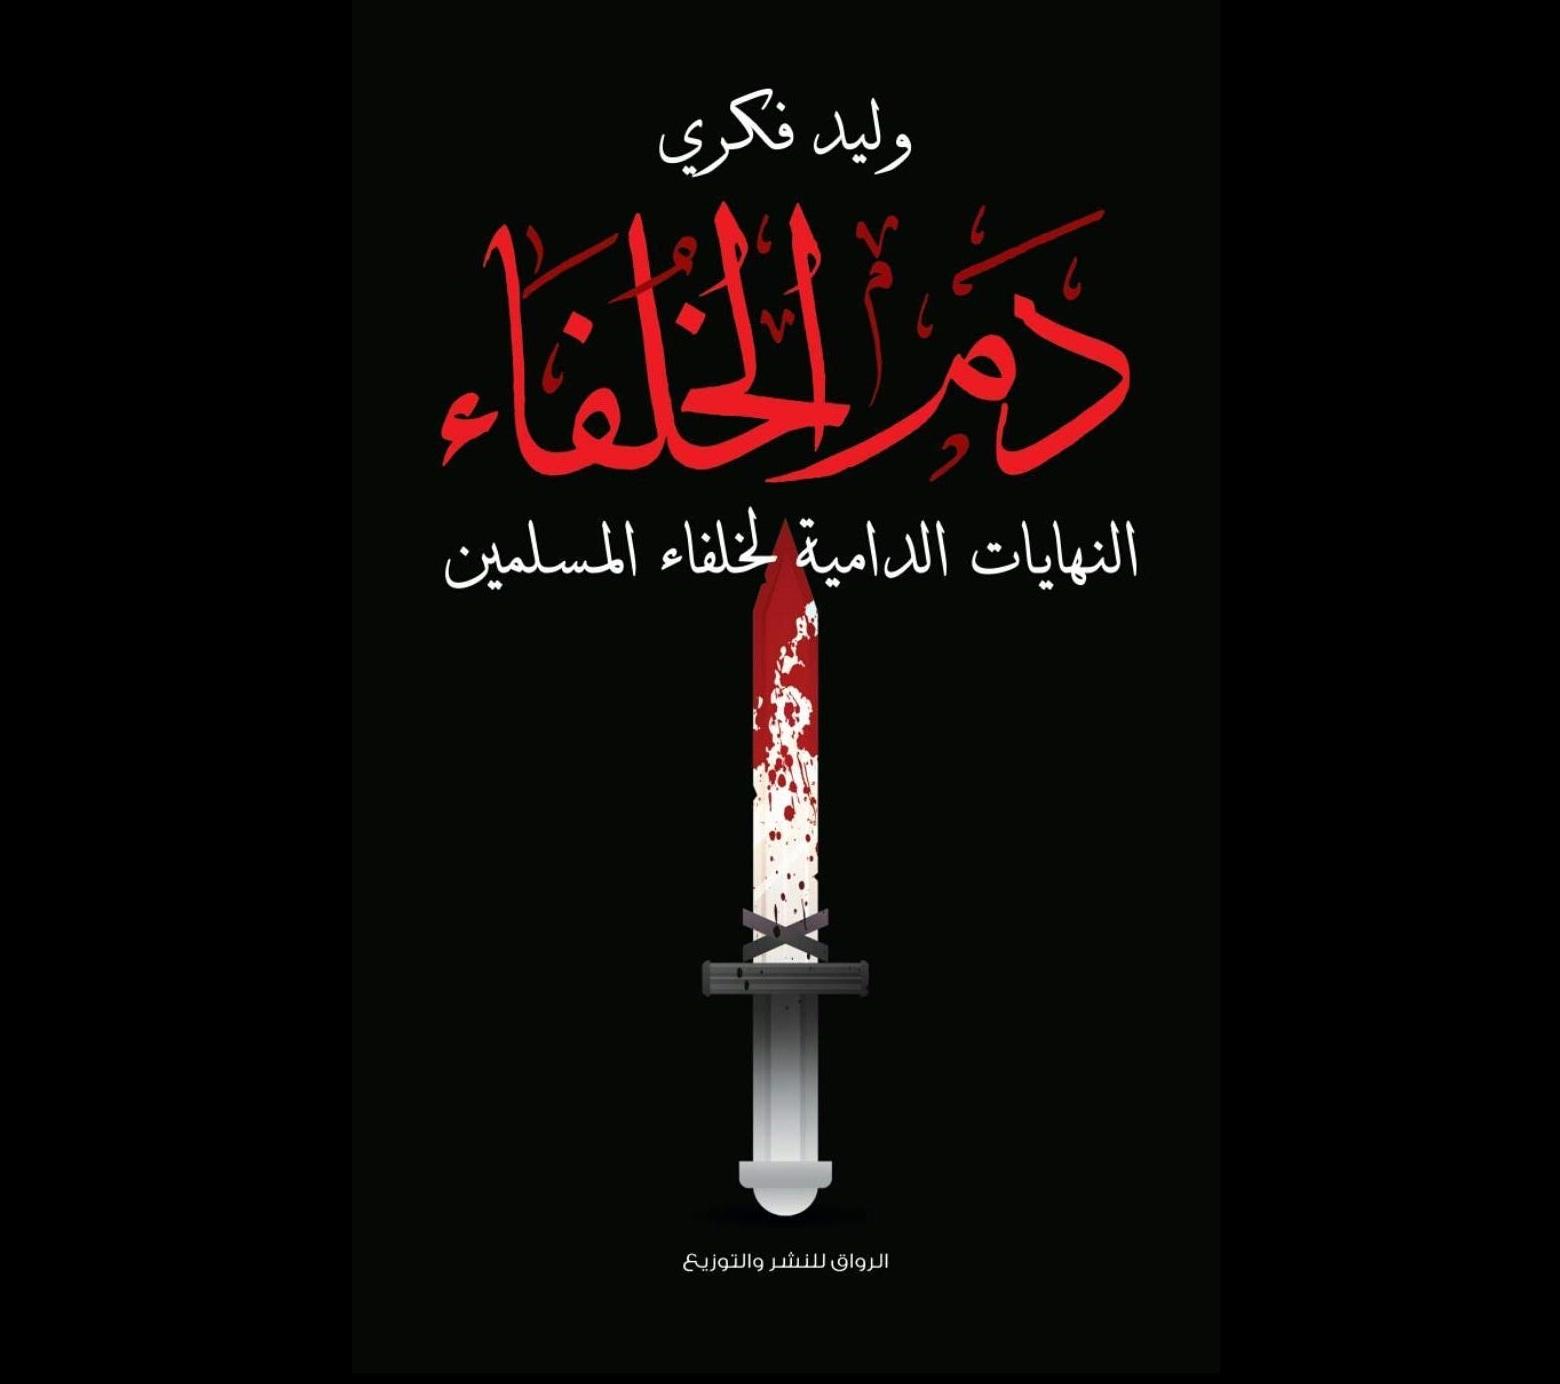 Photo of دم الخلفاء: النهايات الدامية لخلفاء المسلمين – وليد فكري